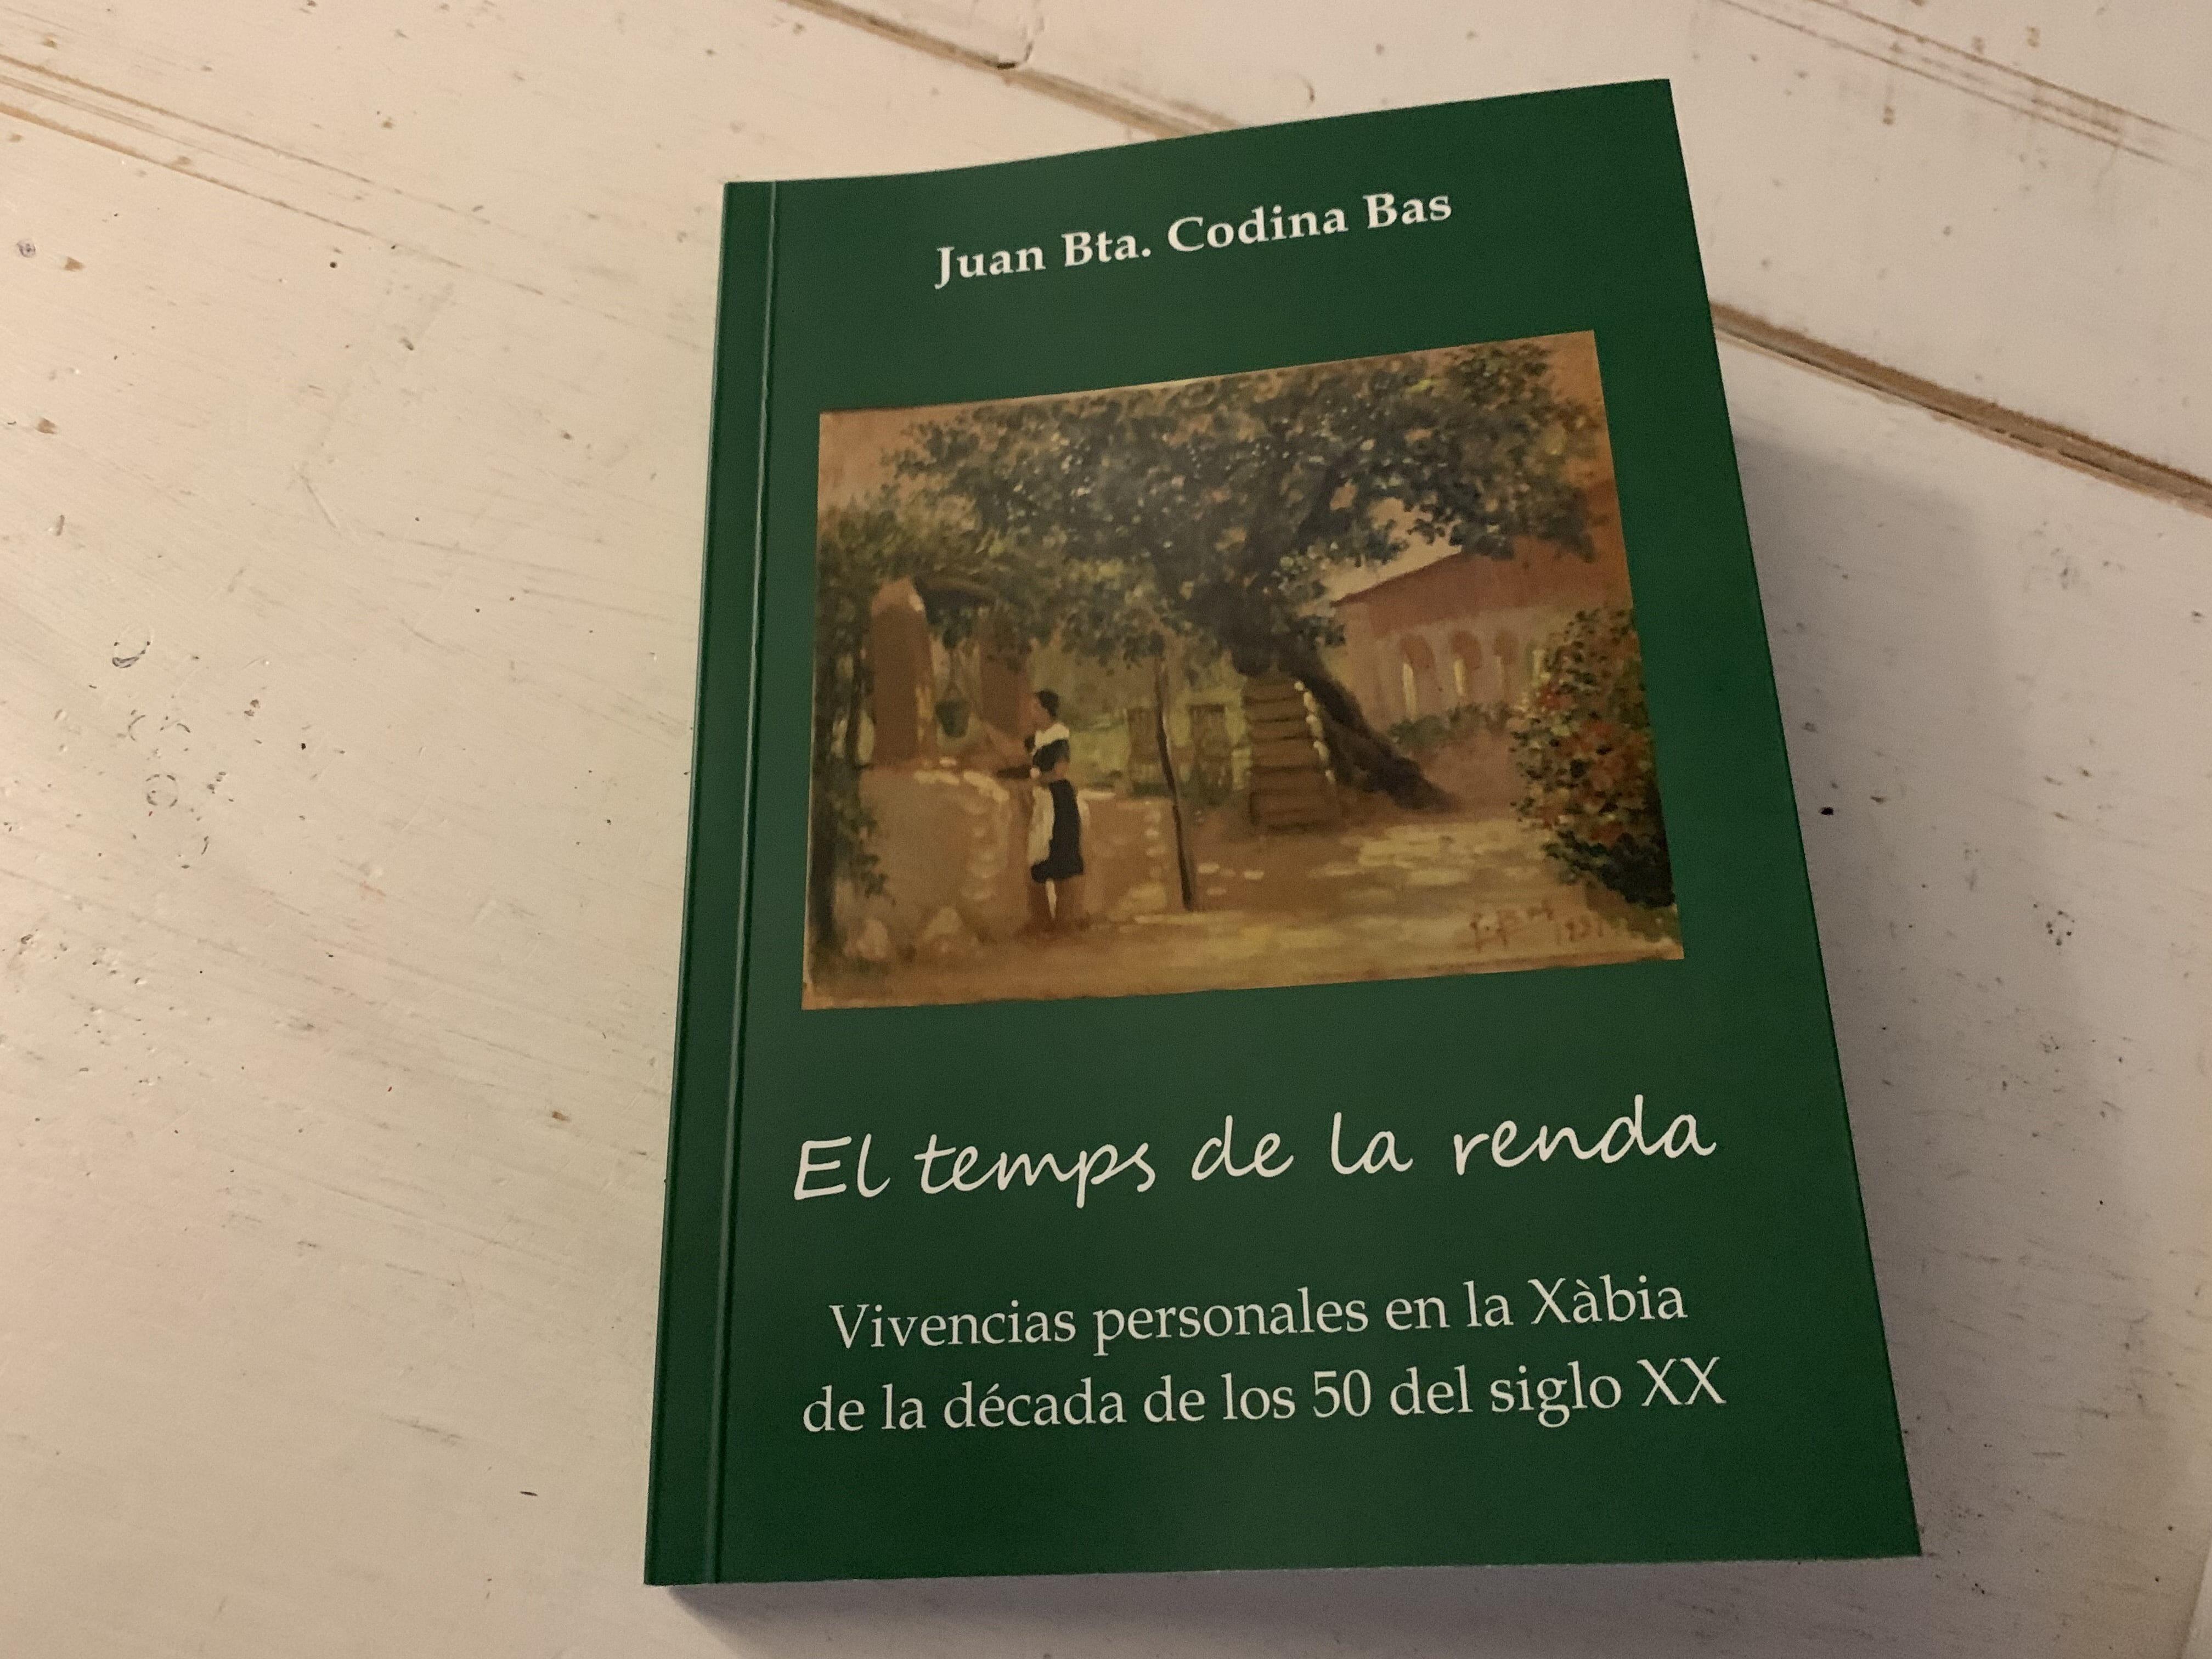 'El temps de la renda' de Juan Bta. Codina Bas